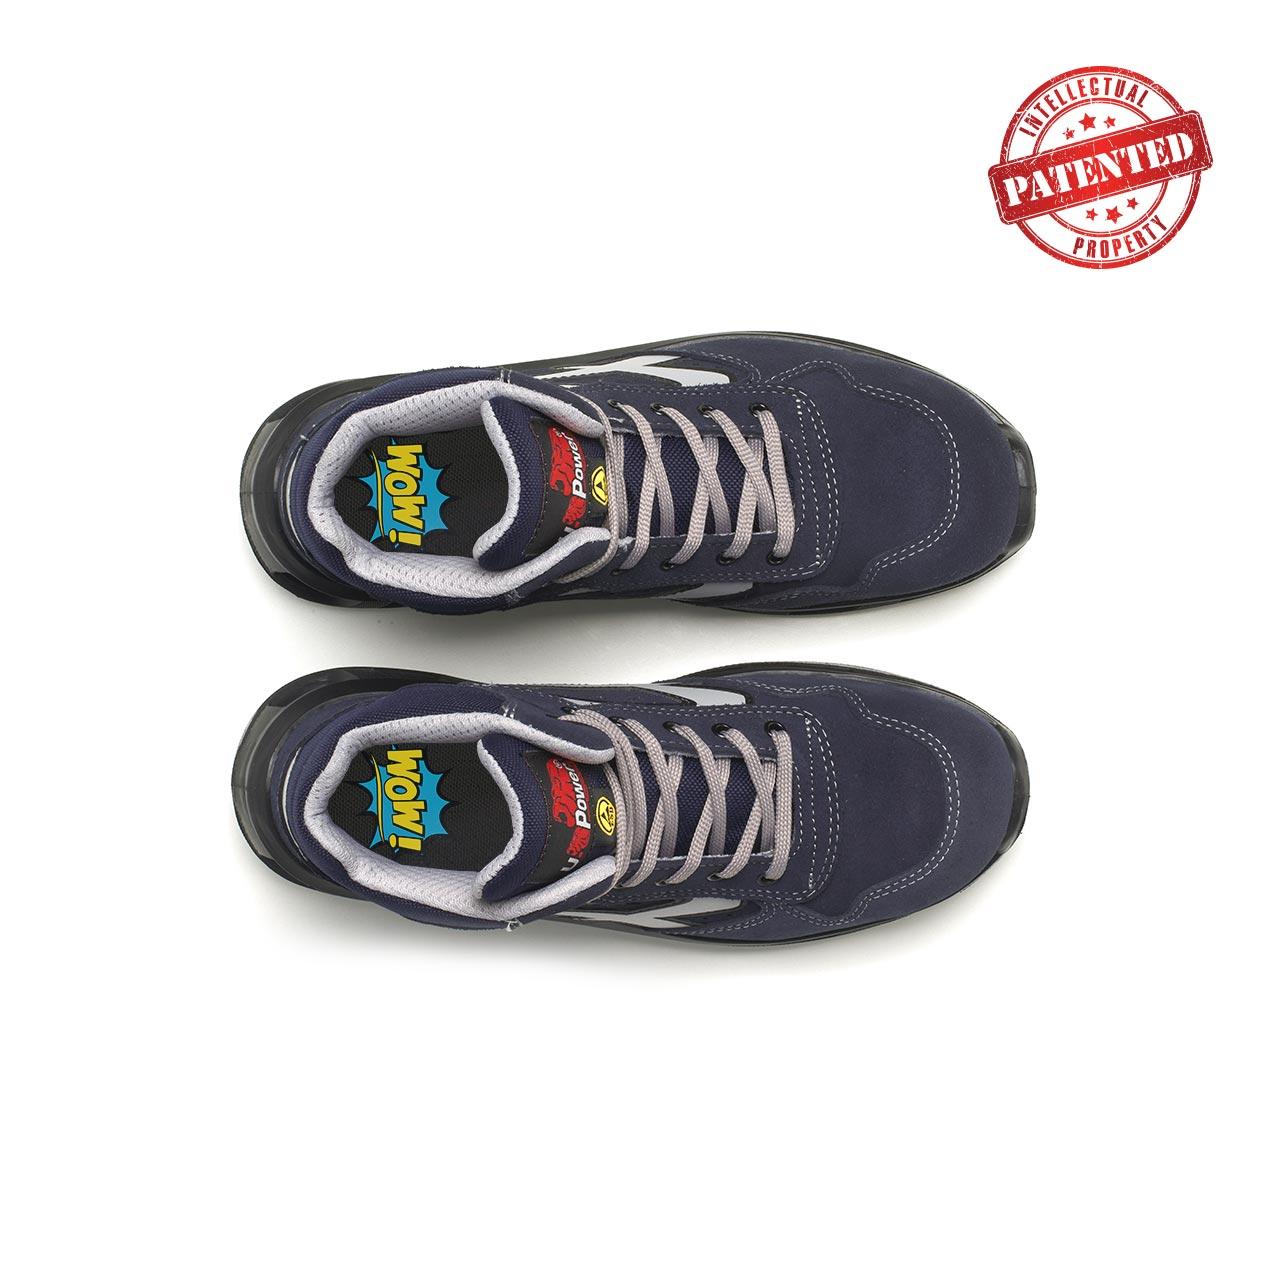 paio di scarpe antinfortunistiche alte upower modello moving linea redlion vista top